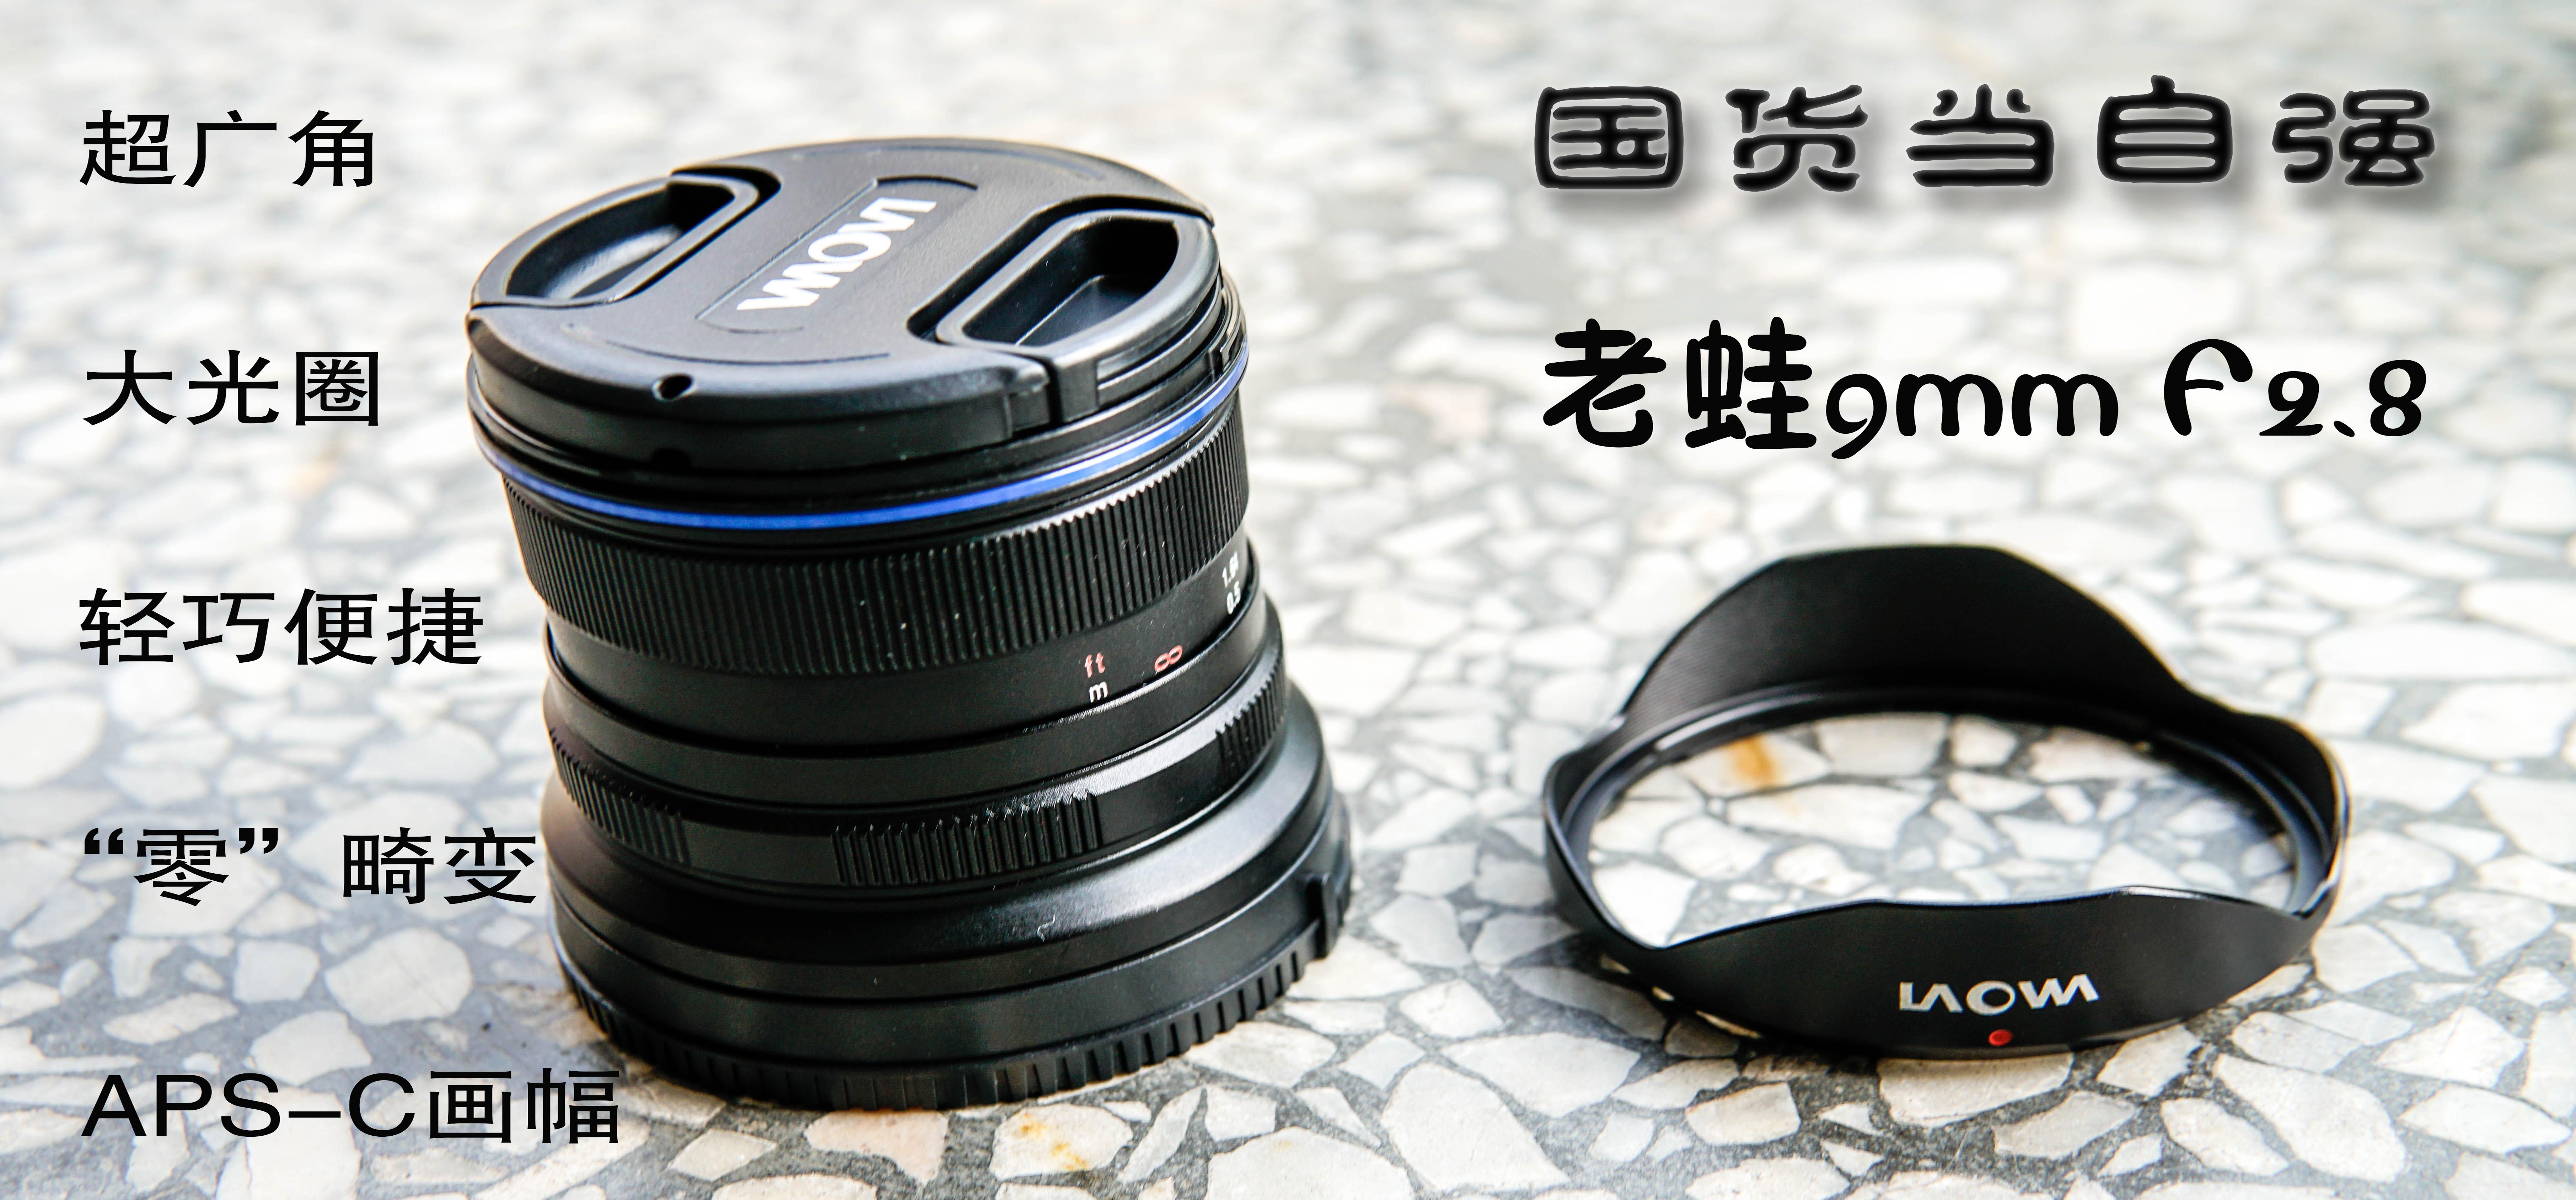 我的摄影之路(三)——老蛙9mm  f 2.8开箱